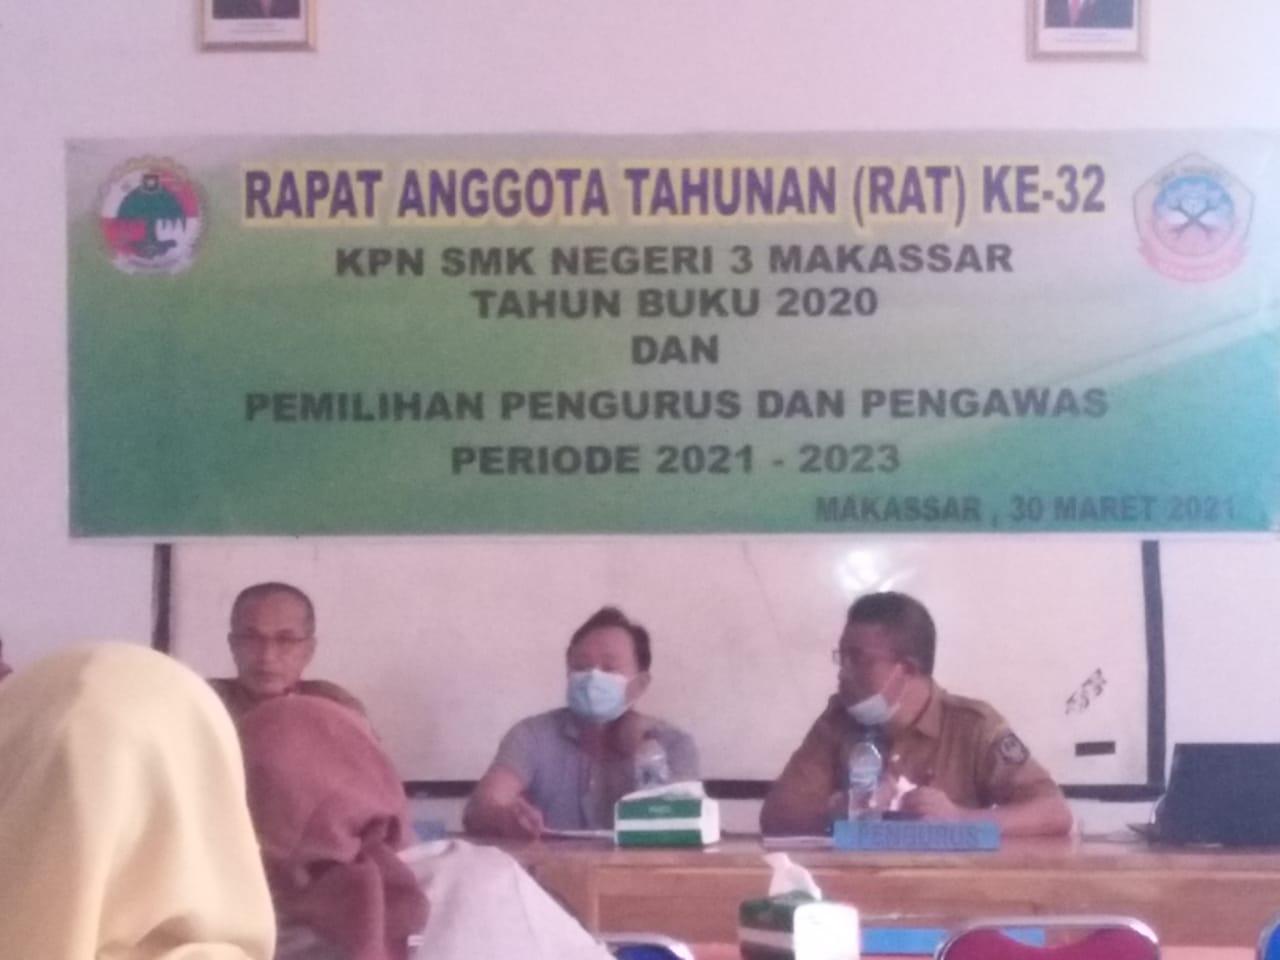 Pemilihan Pengurus dan Pengawas KPN SMKN 3 Makassar Periode 2021-2023